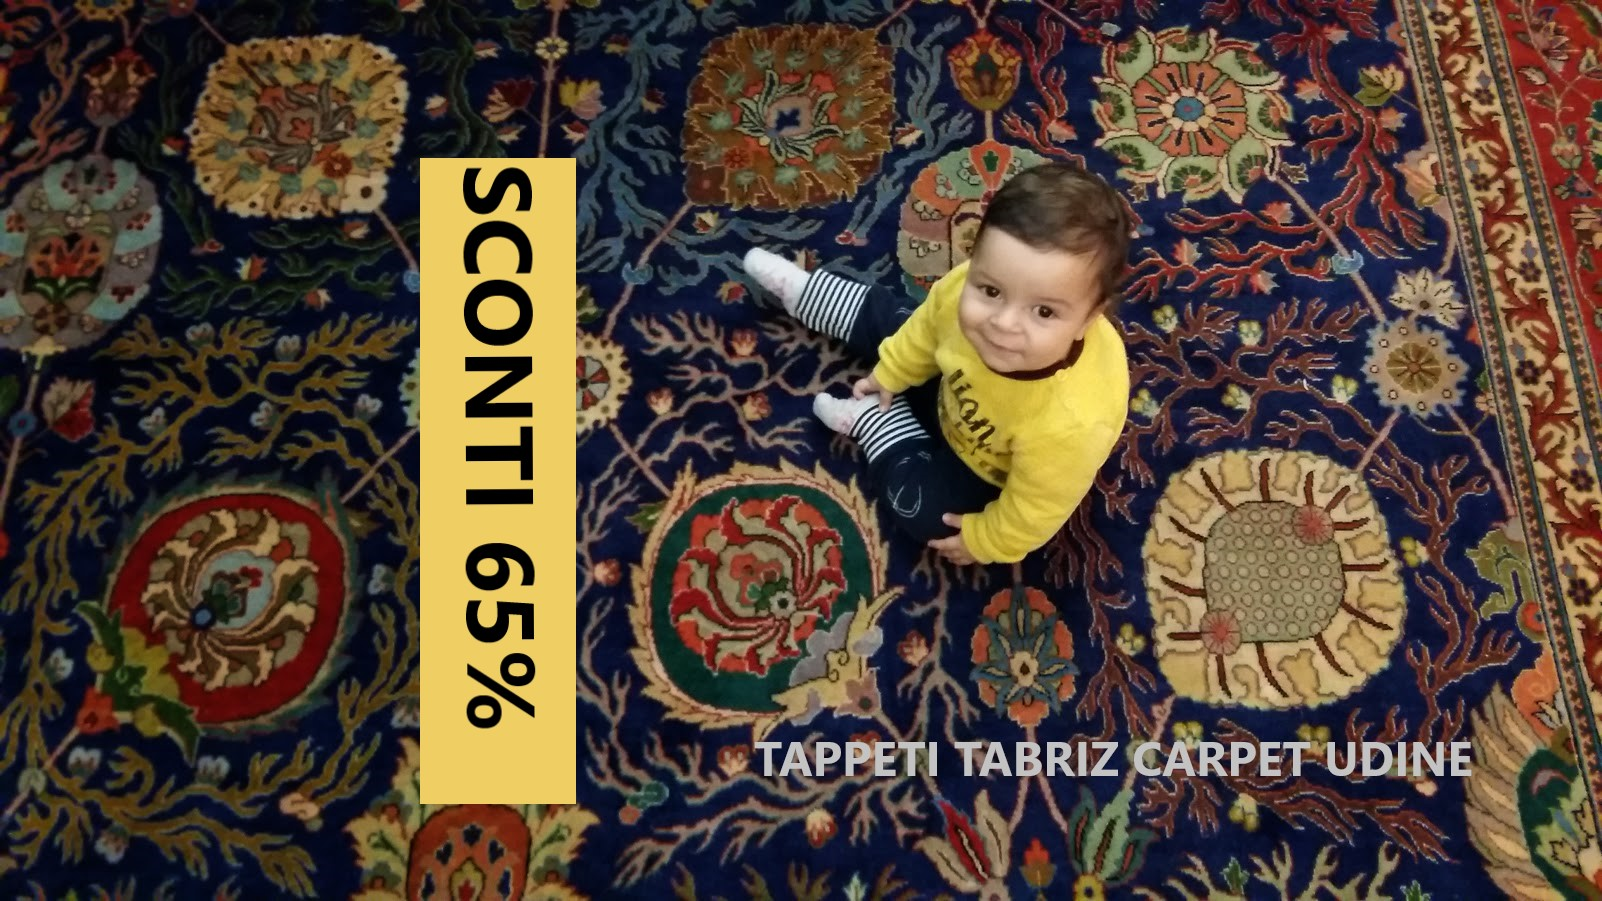 offerta tappeti persiani con sconto 65% su tutti tappeti Campoformido (UD)